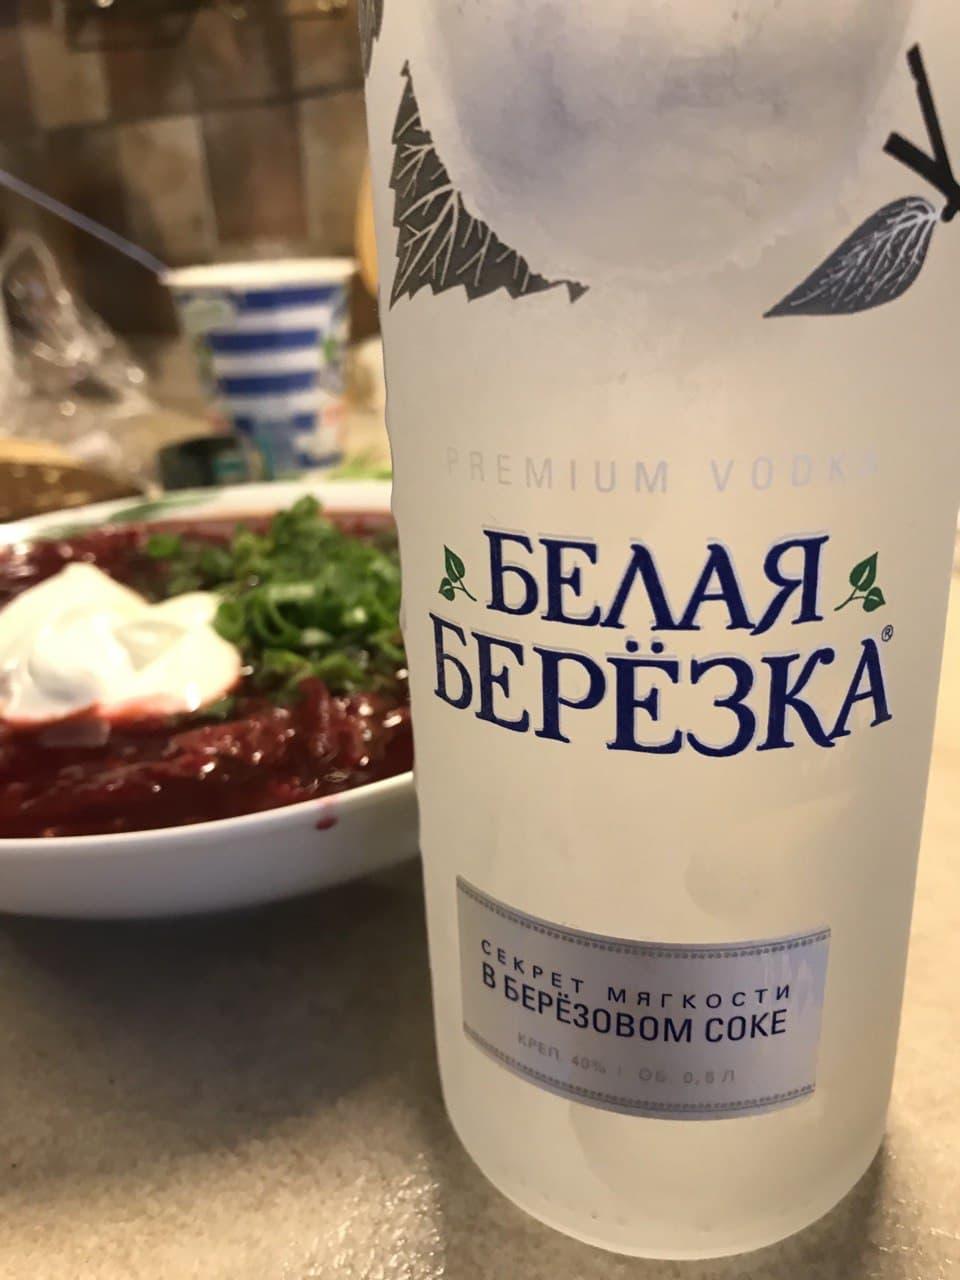 Белая Березка - Пью редко, но эту водку оценил